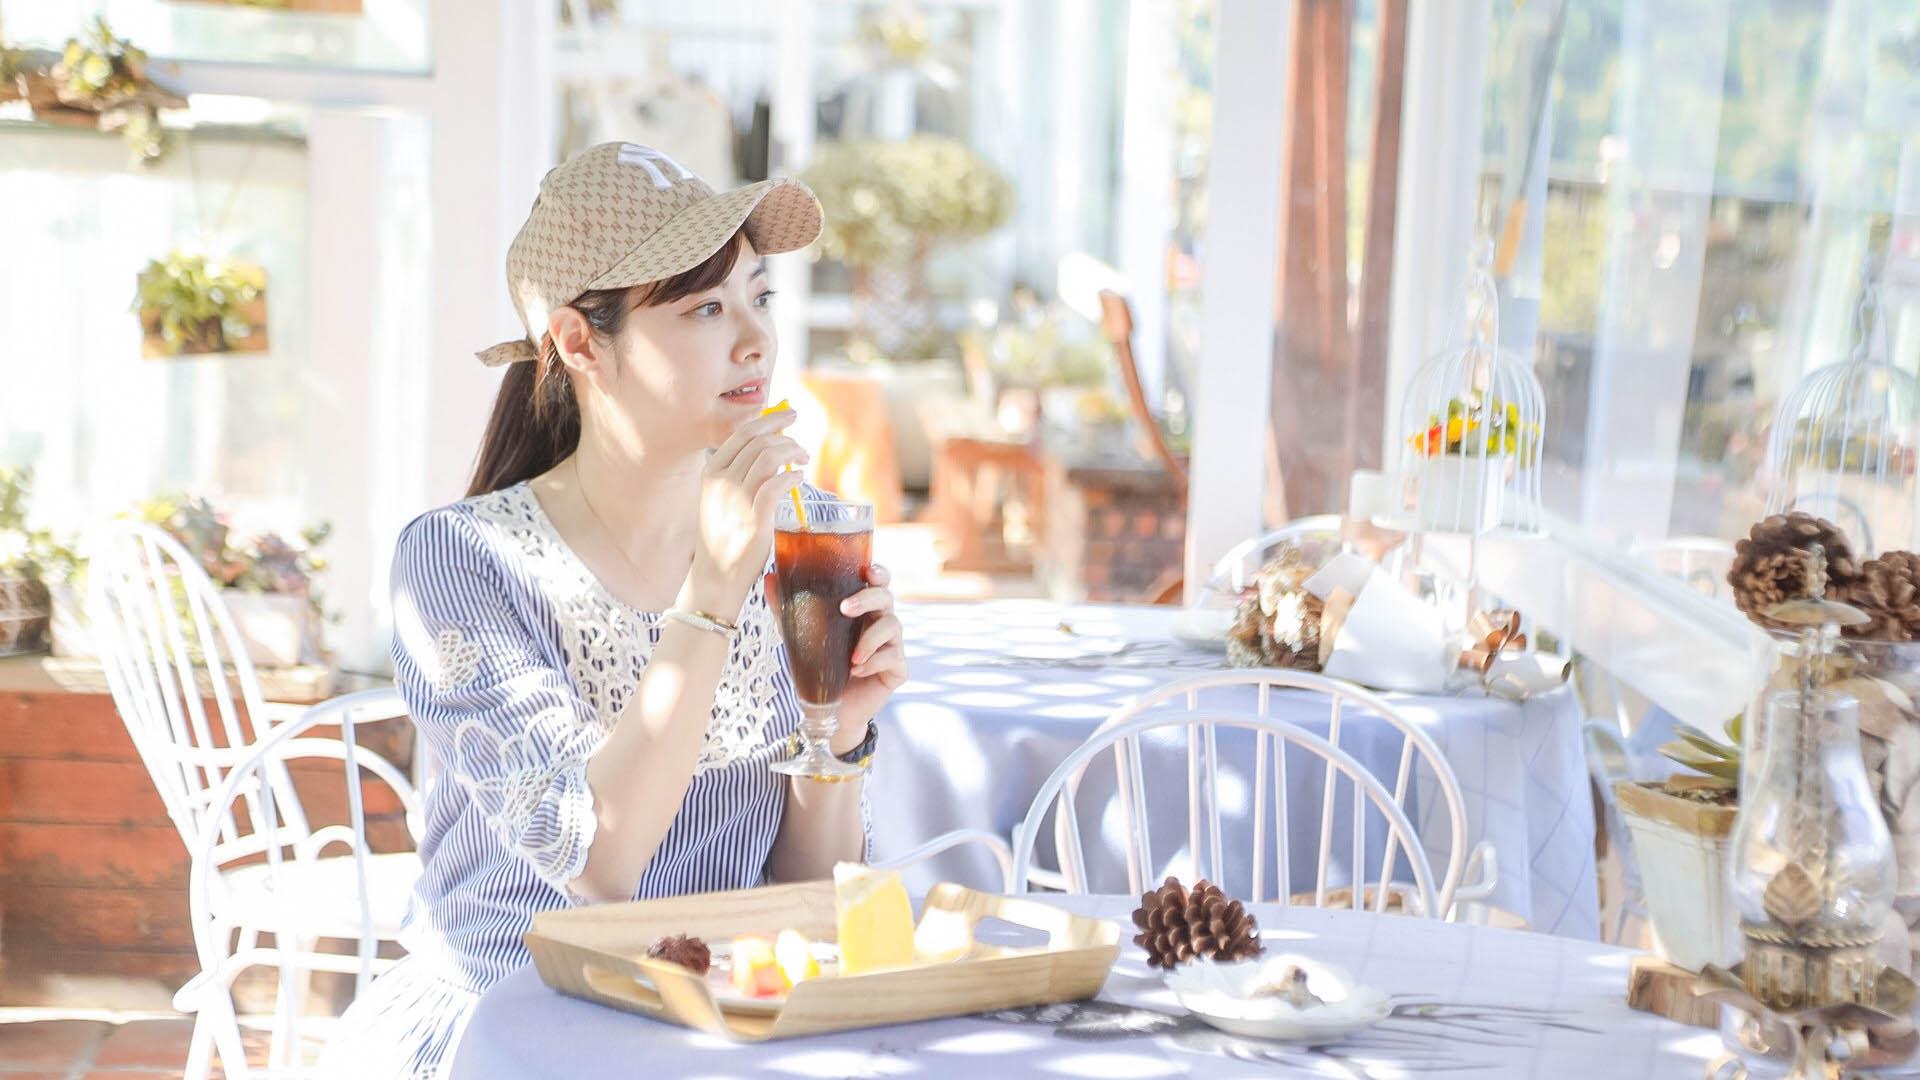 ☆【清境|來福居】IG爆紅歐洲都鐸式鄉村民宿。俯瞰老英格蘭的絕美下午茶 @凱的日本食尚日記